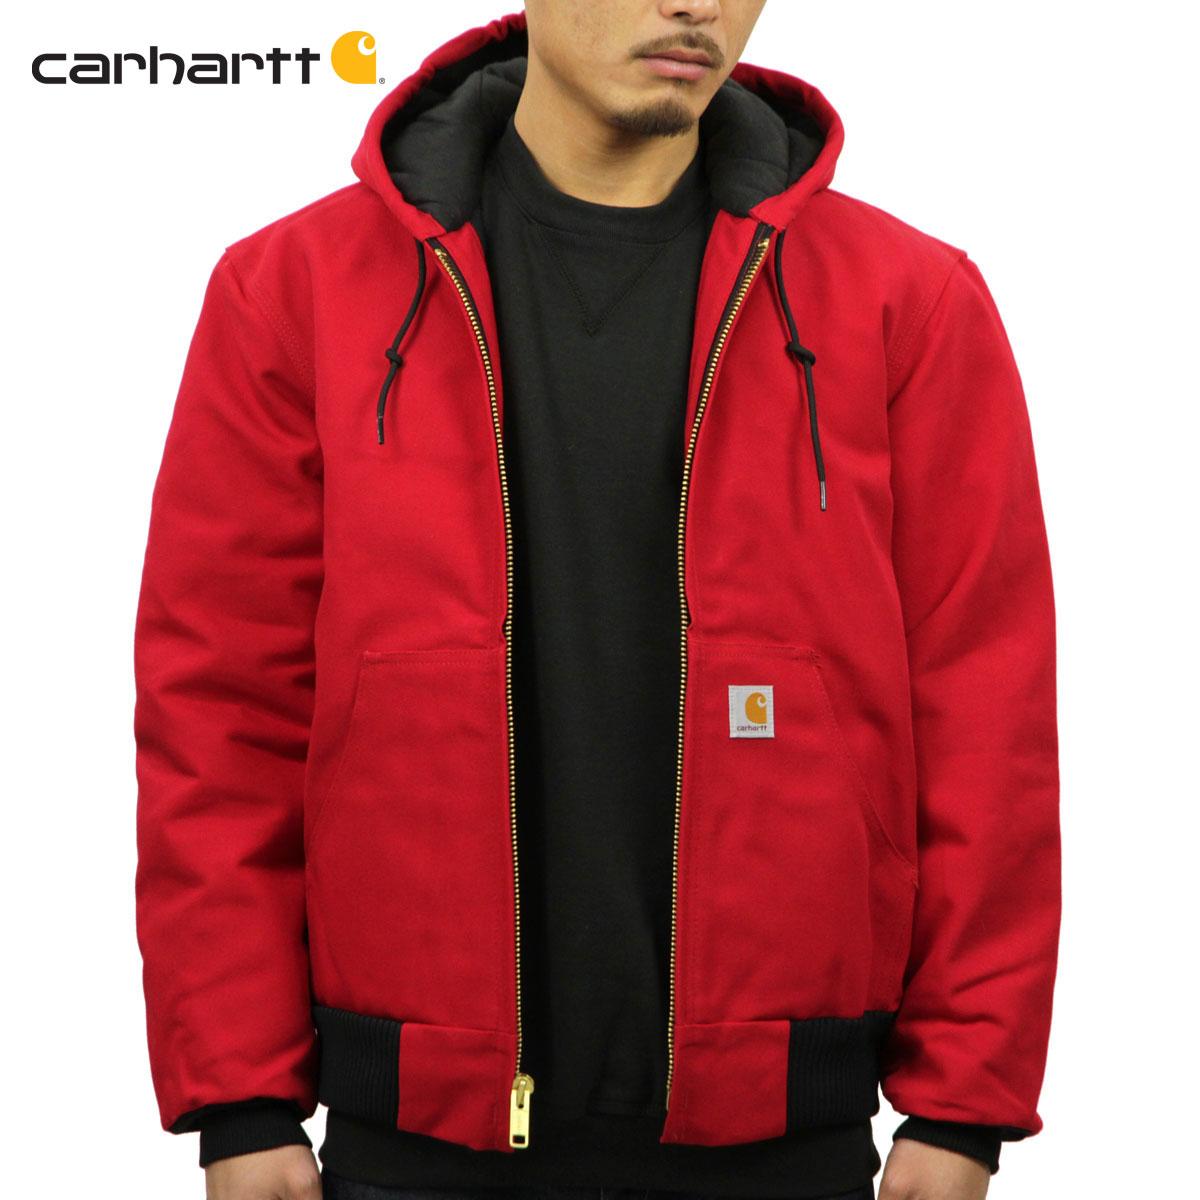 カーハート アウター メンズ 正規品 CARHARTT ジャケット ジャケット QUILTED FLANNEL LINED DUCK ACTIVE JACKET J140 - RED RED